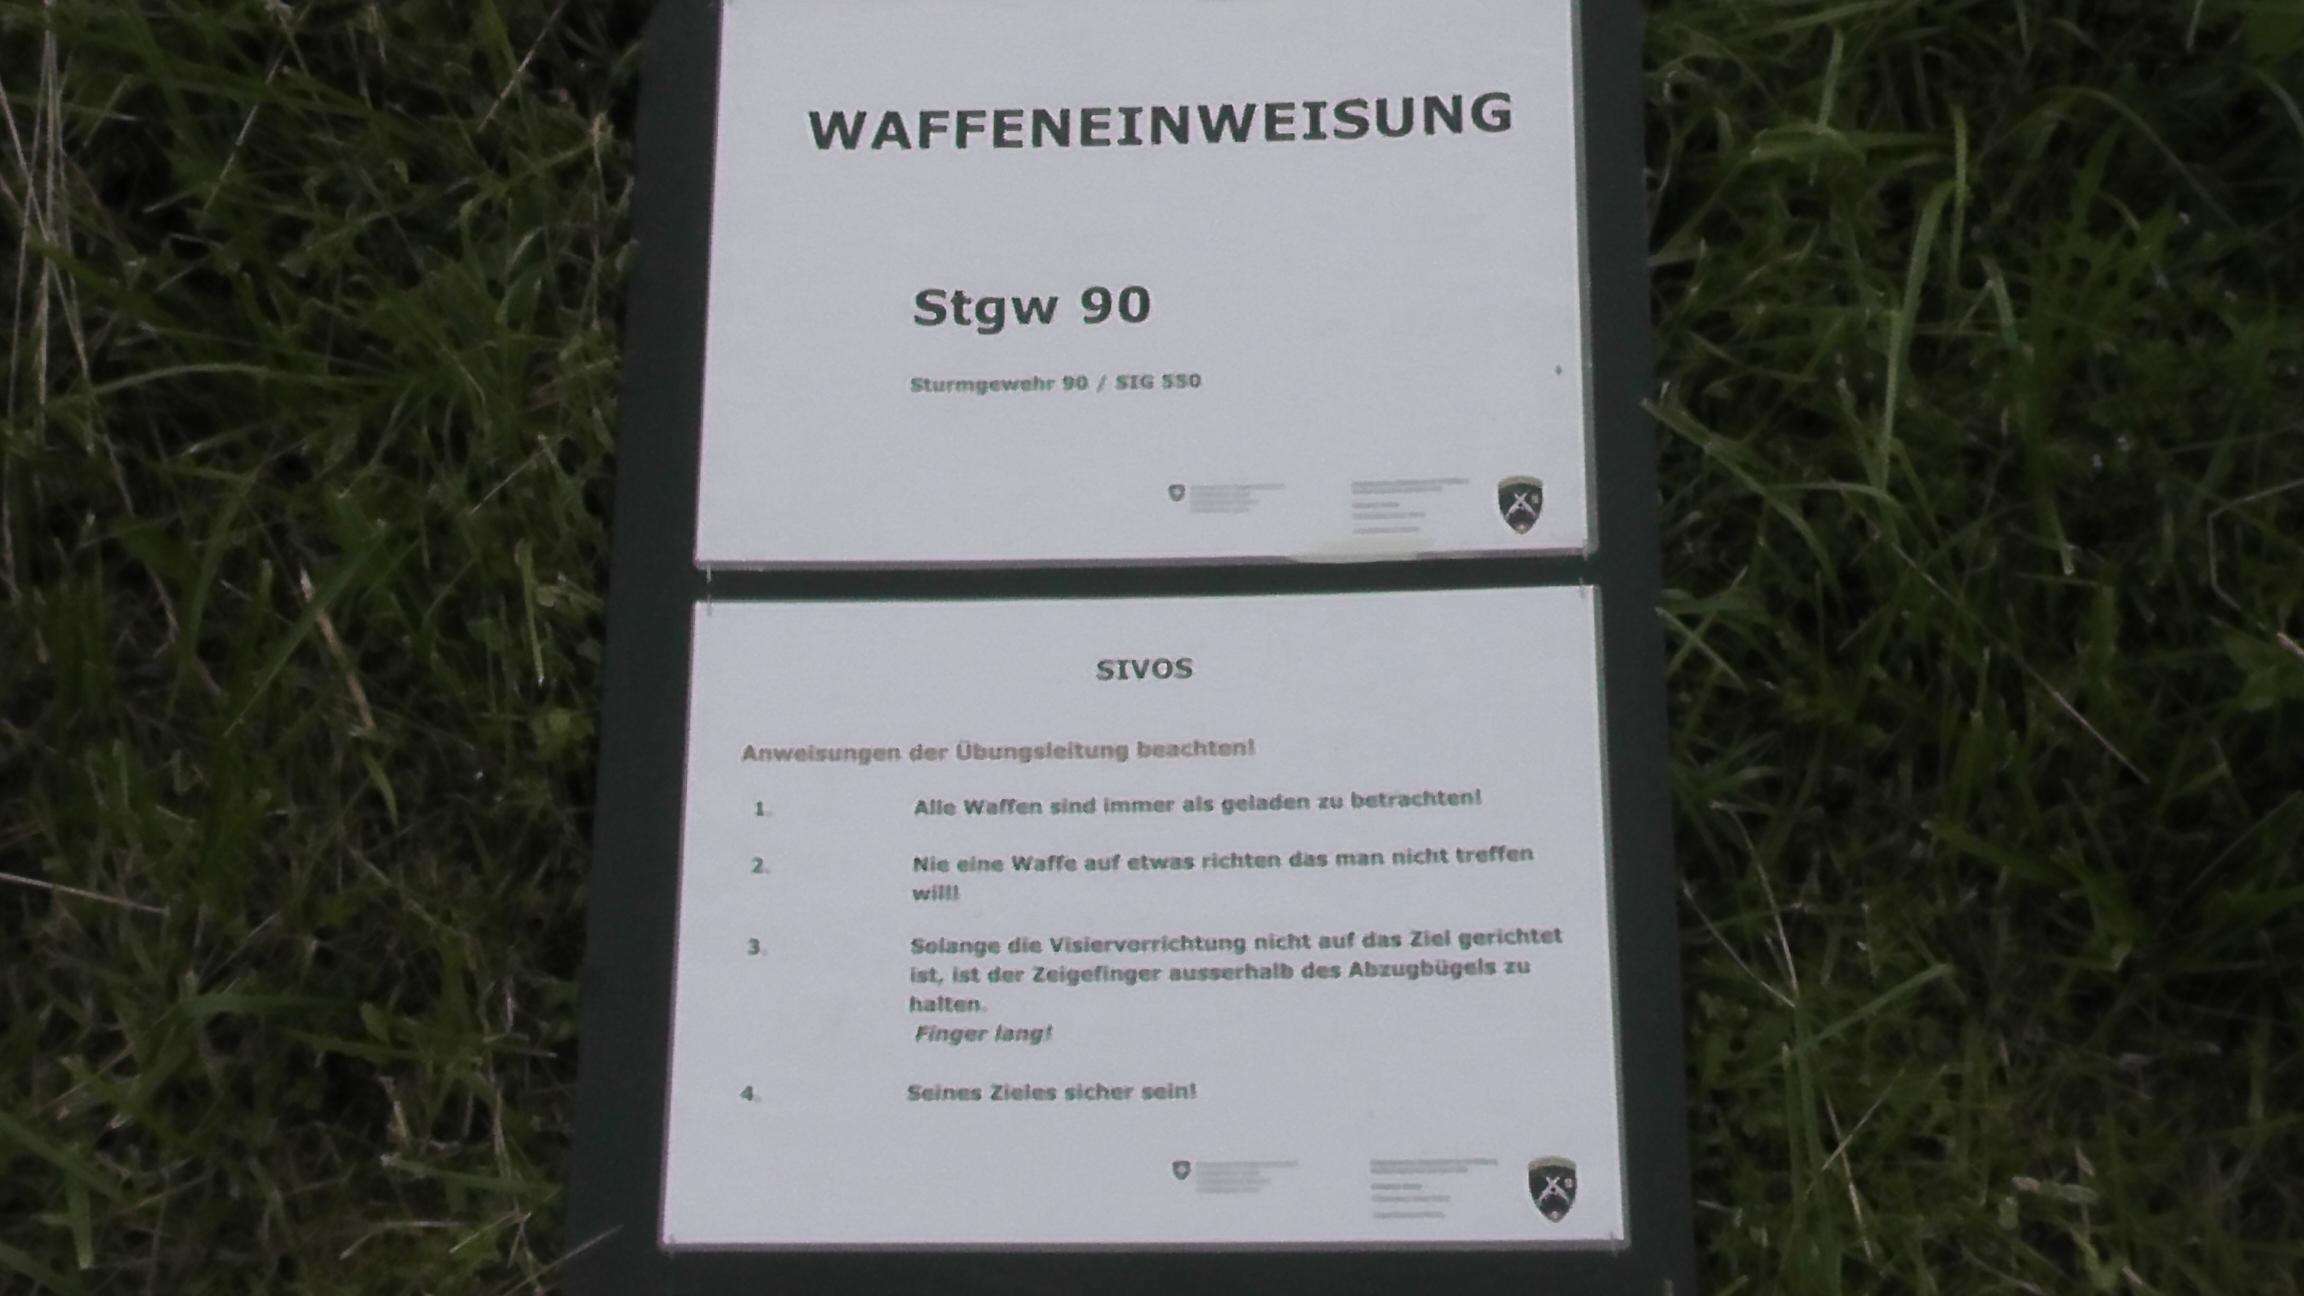 Sturmgewehr Stgw 90 Einweisung